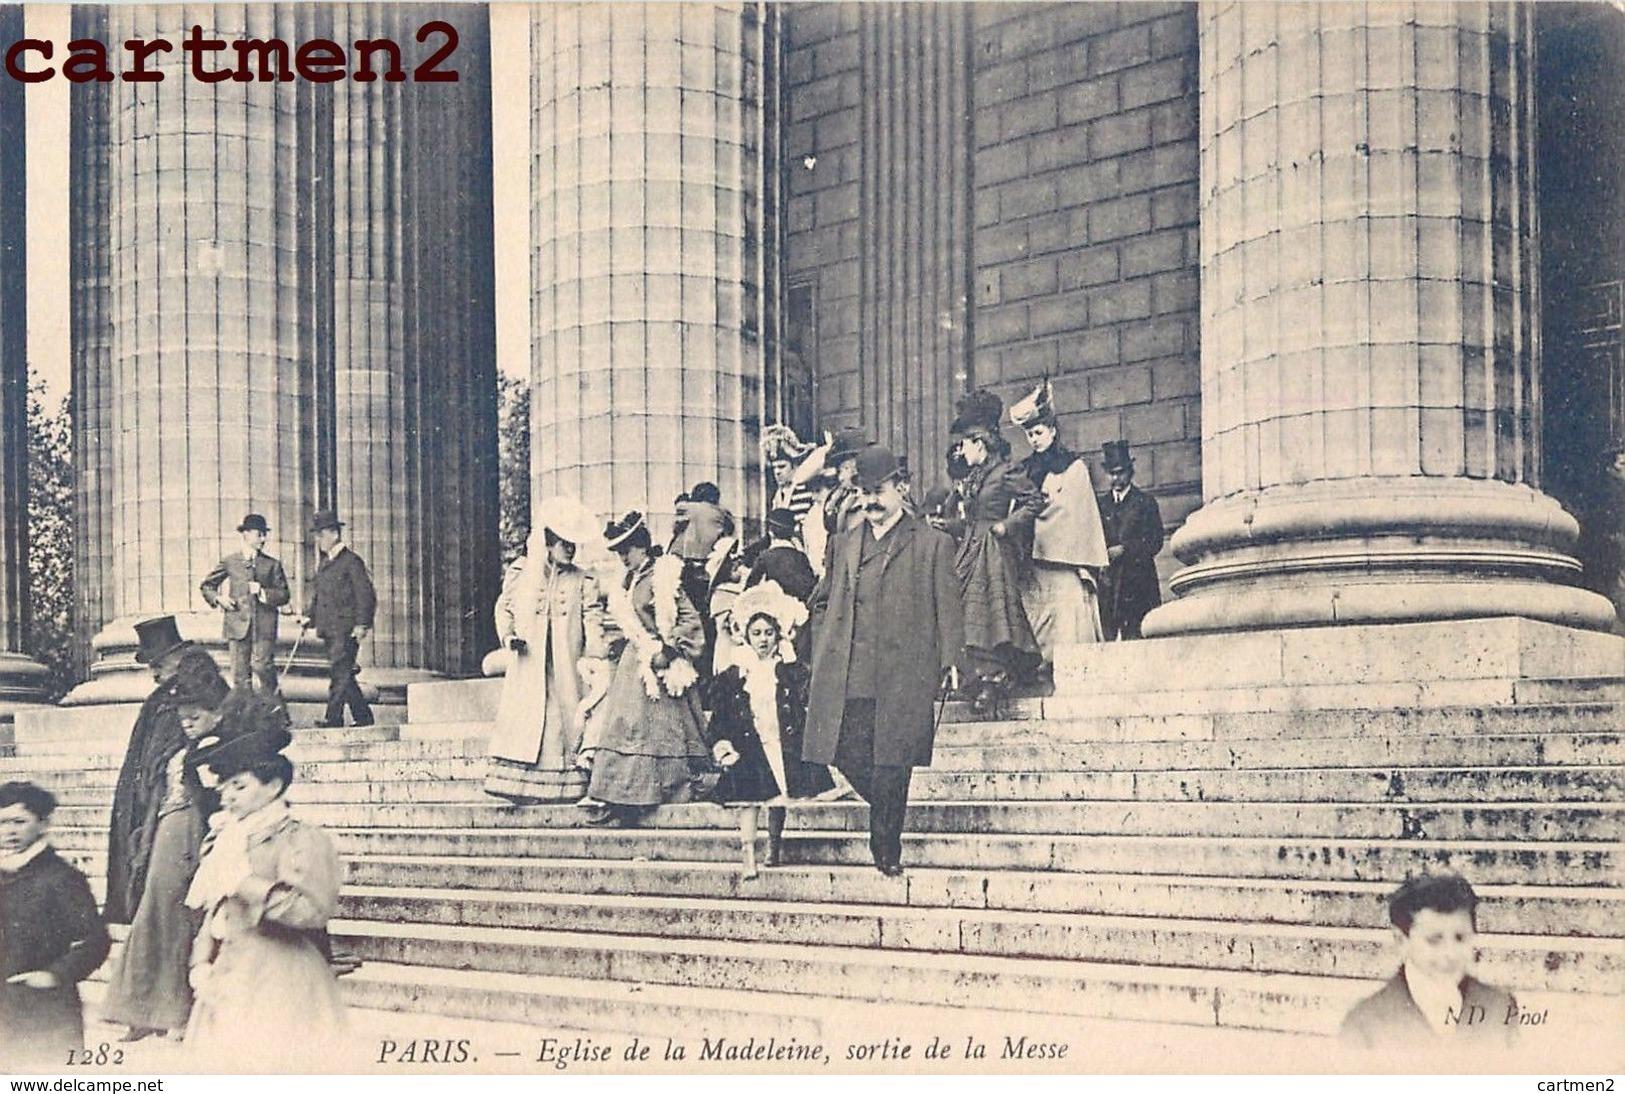 PARIS EGLISE DE LA MADELEINE SORTIE DE LA MESSE 75008 - District 08